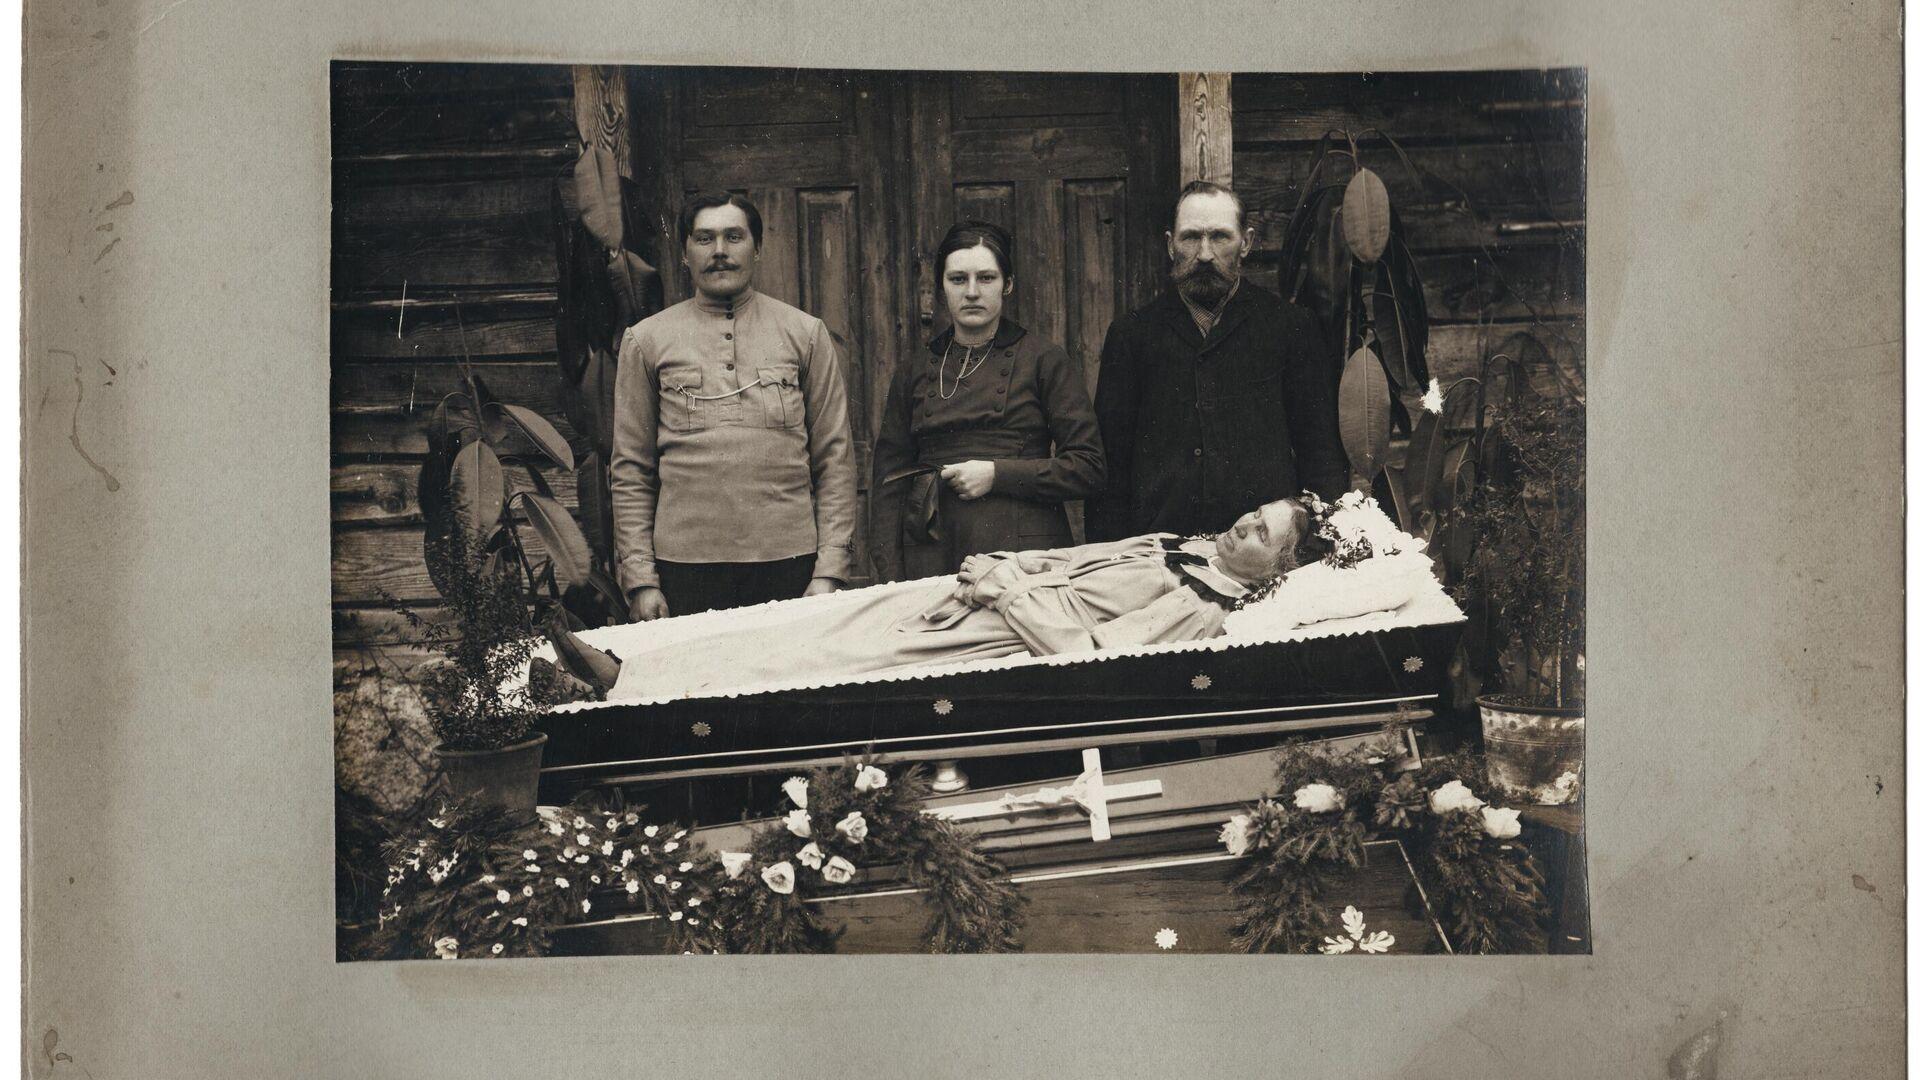 Familia velando el cuerpo sin vida de un ser querido - Sputnik Mundo, 1920, 02.06.2021